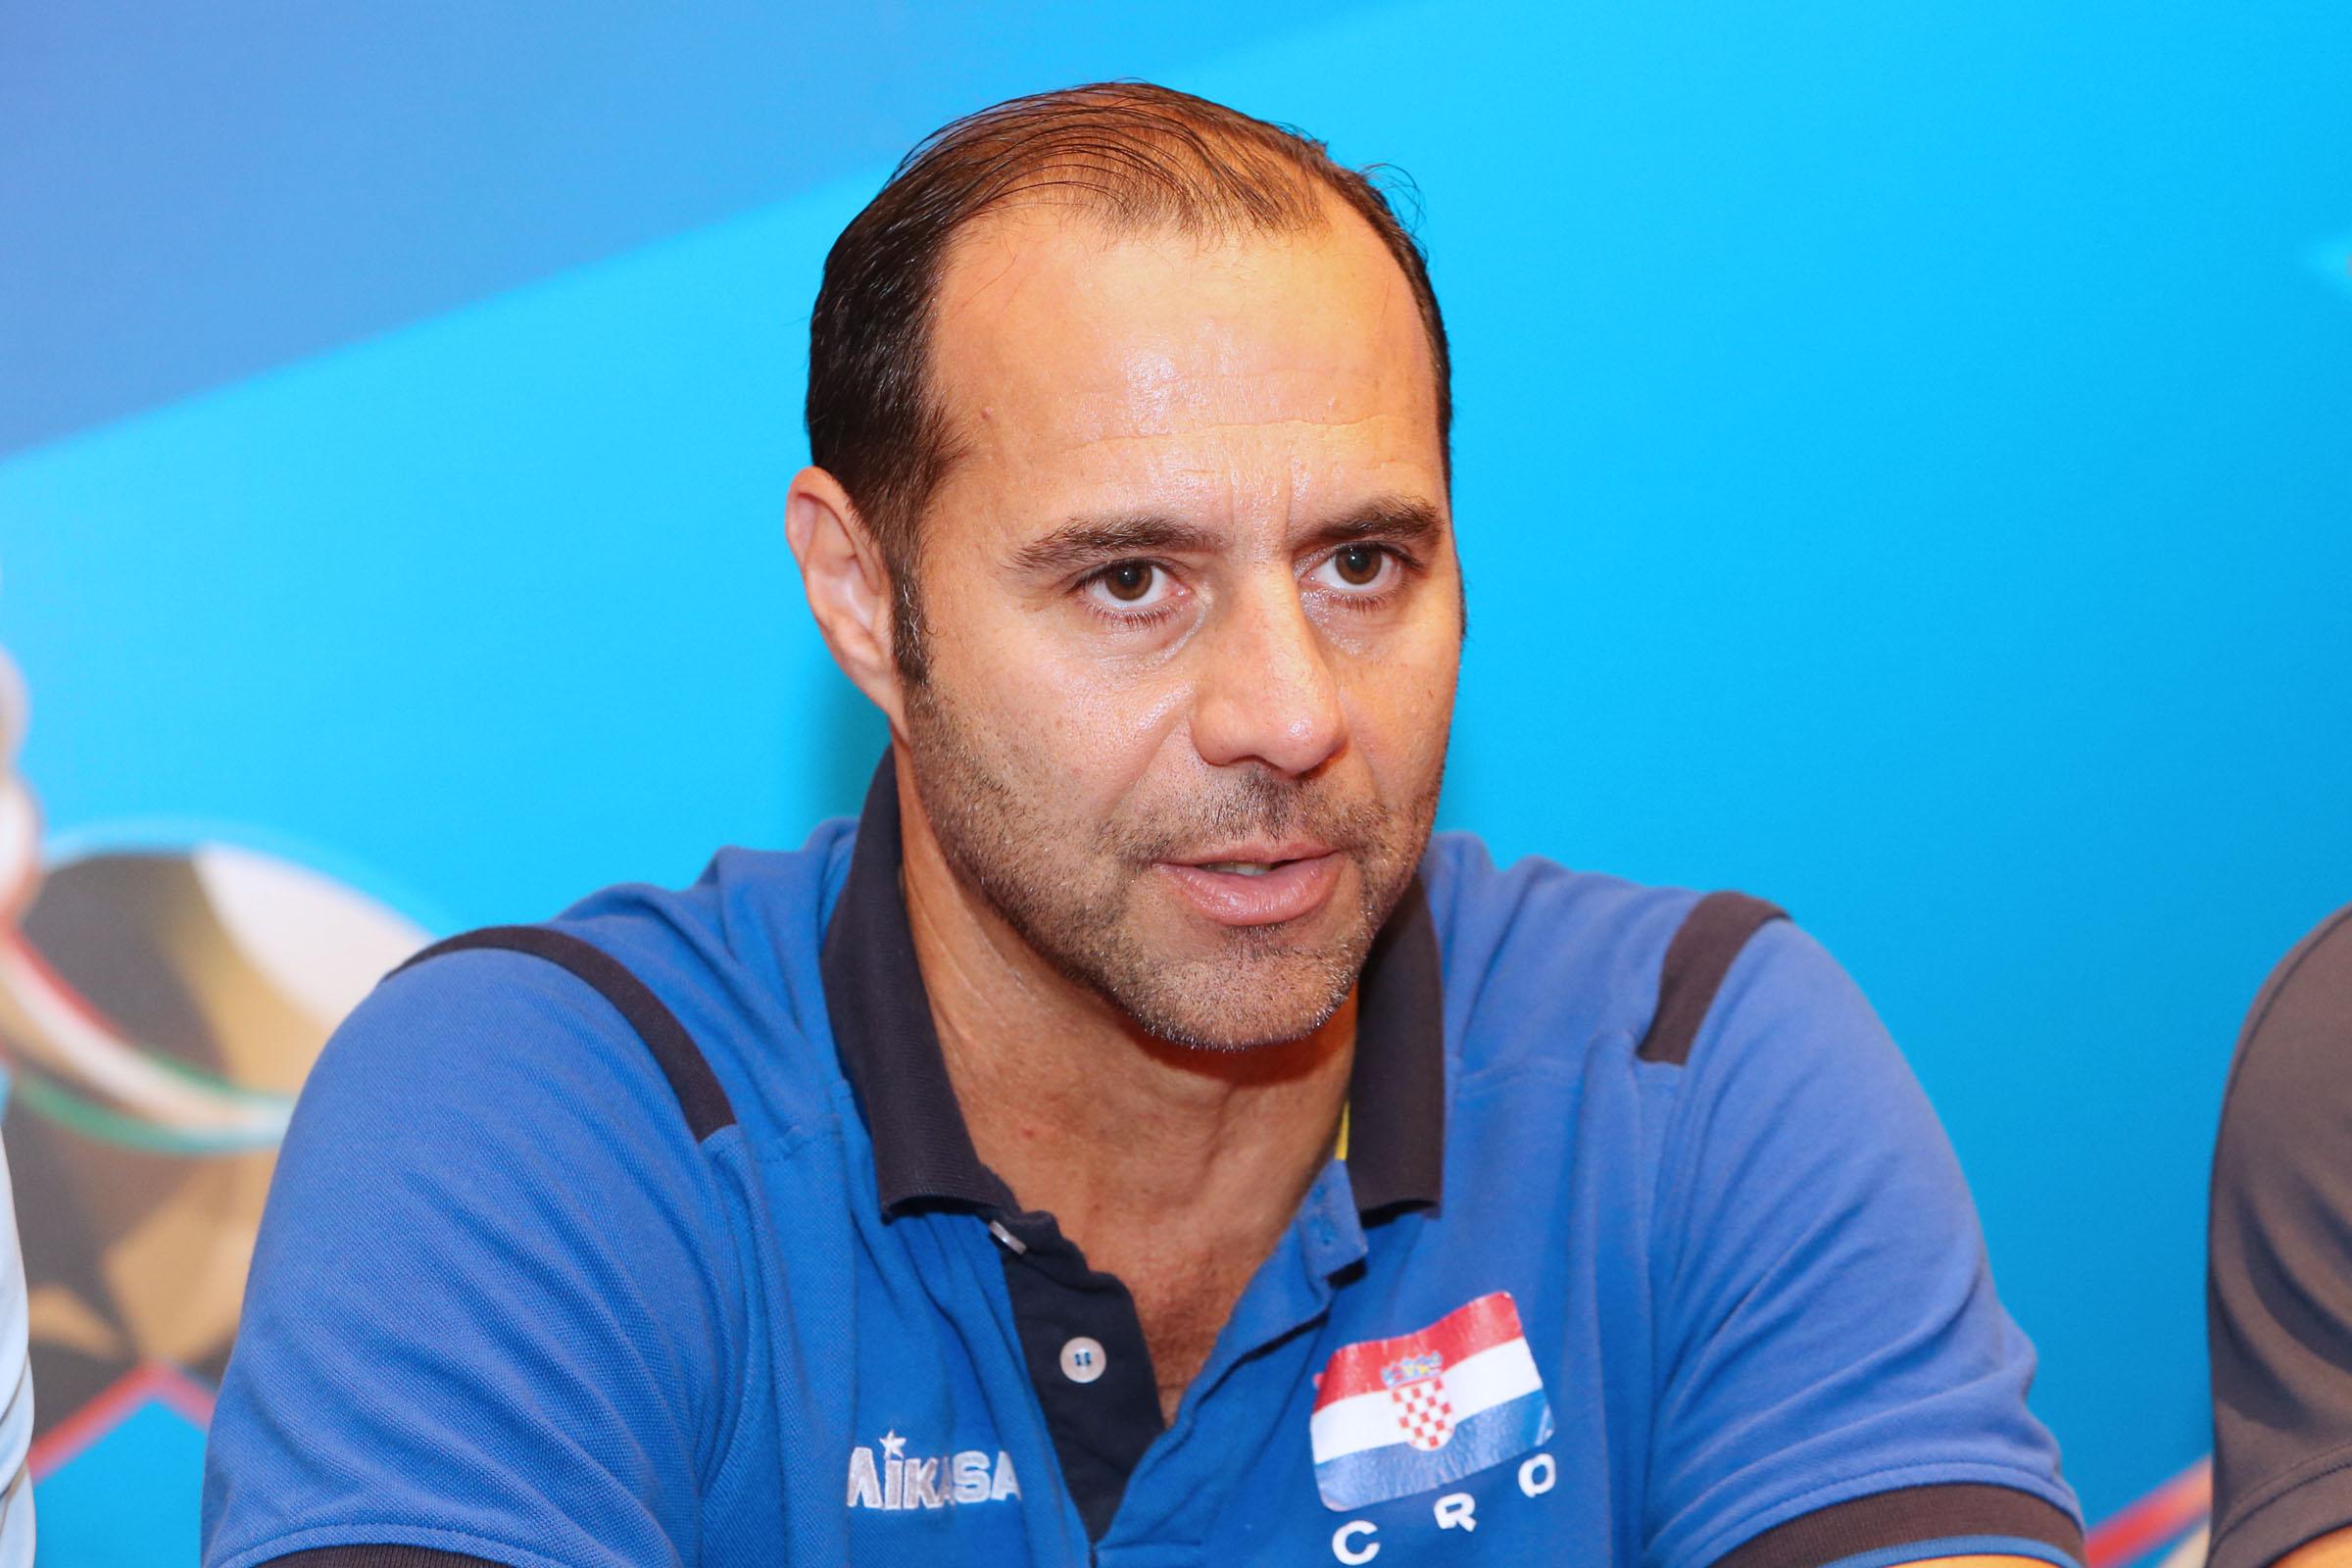 Angelo Vercesi